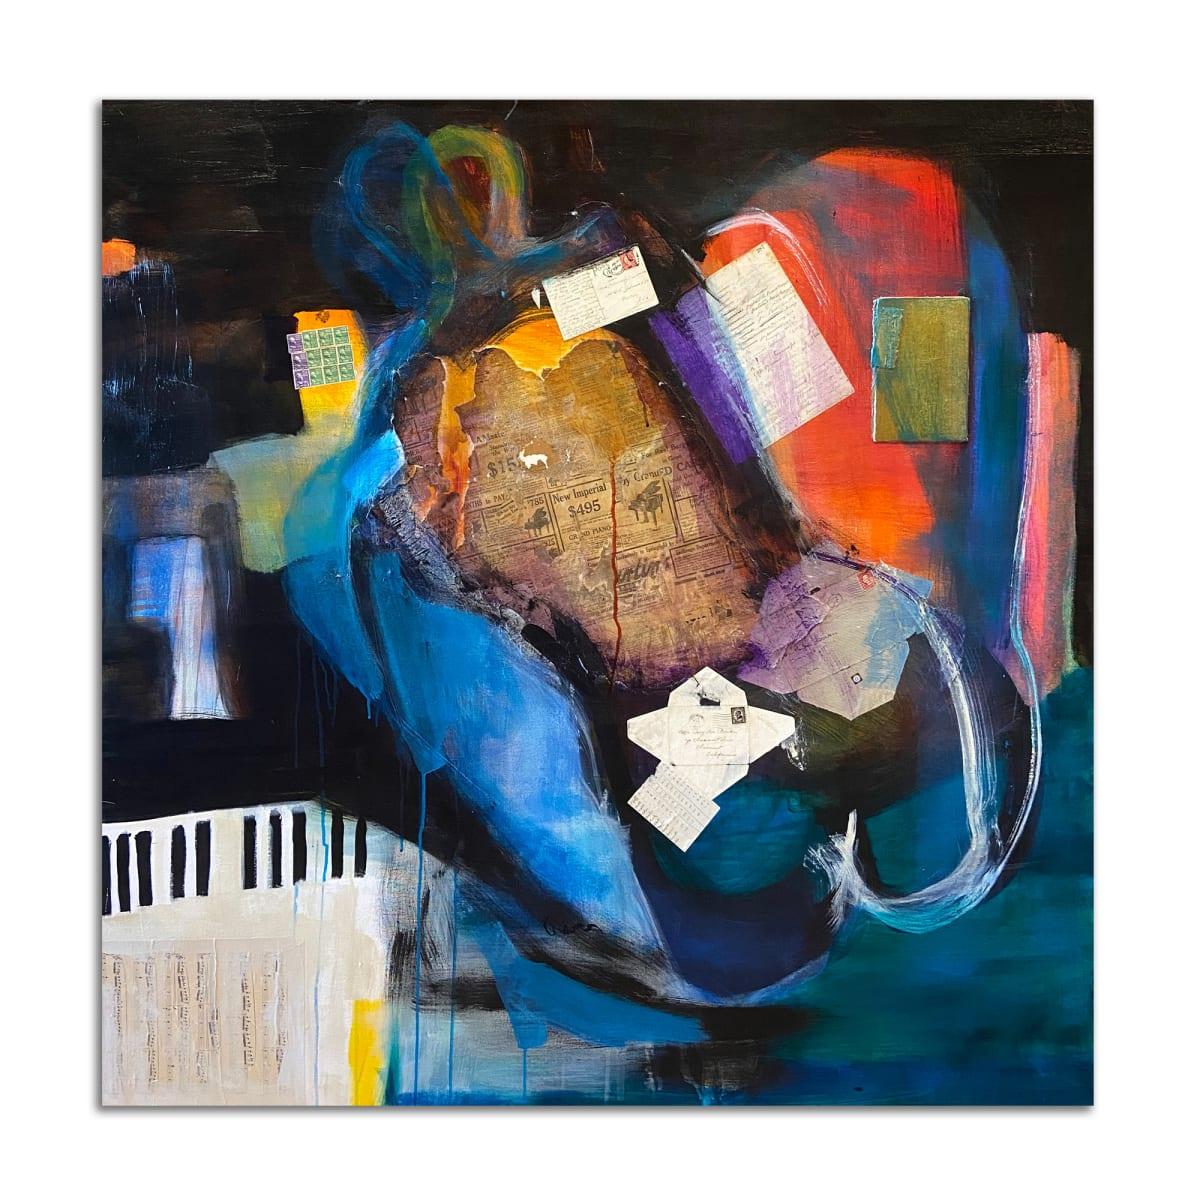 Grand Piano by Stephanie Cramer